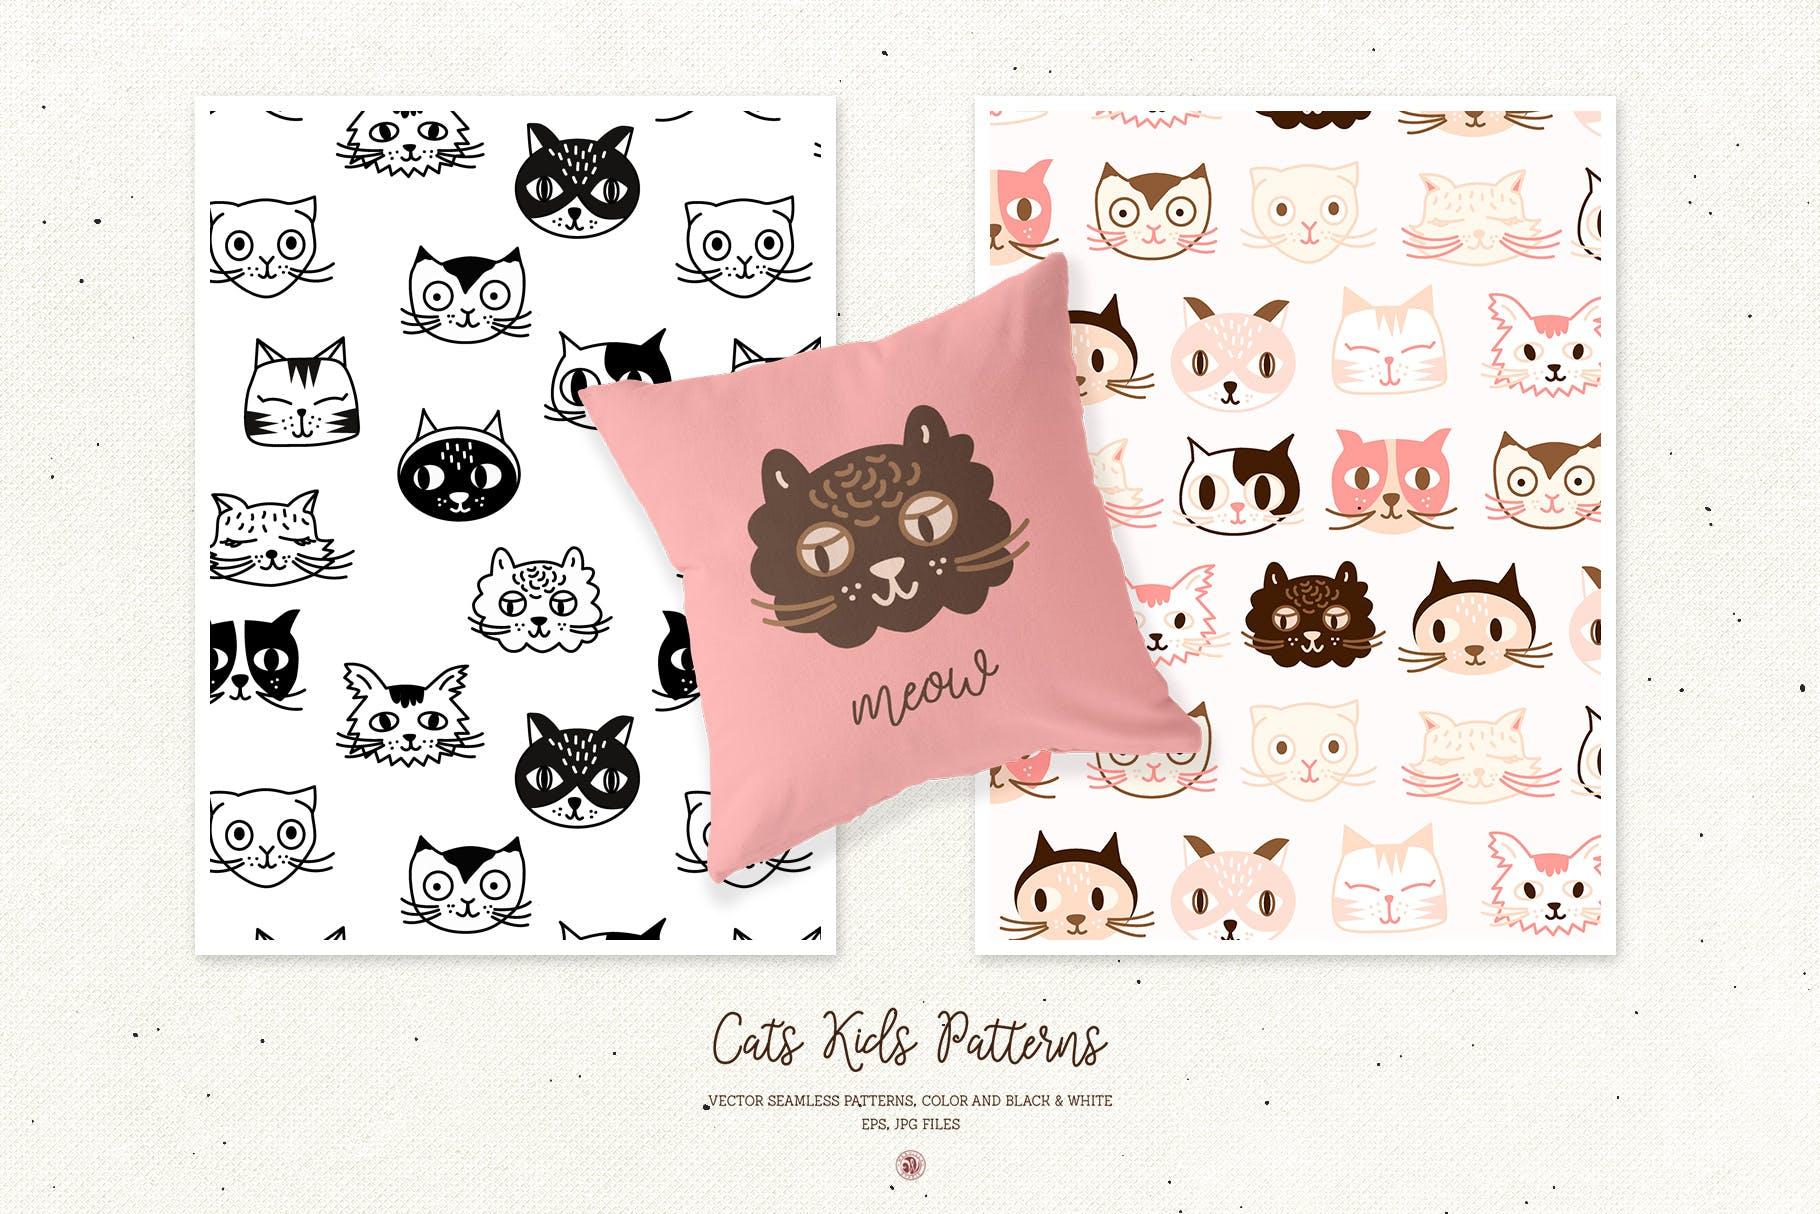 可爱猫孩子创意图案素材花纹猫孩子模式Cats Kids Patterns插图(2)